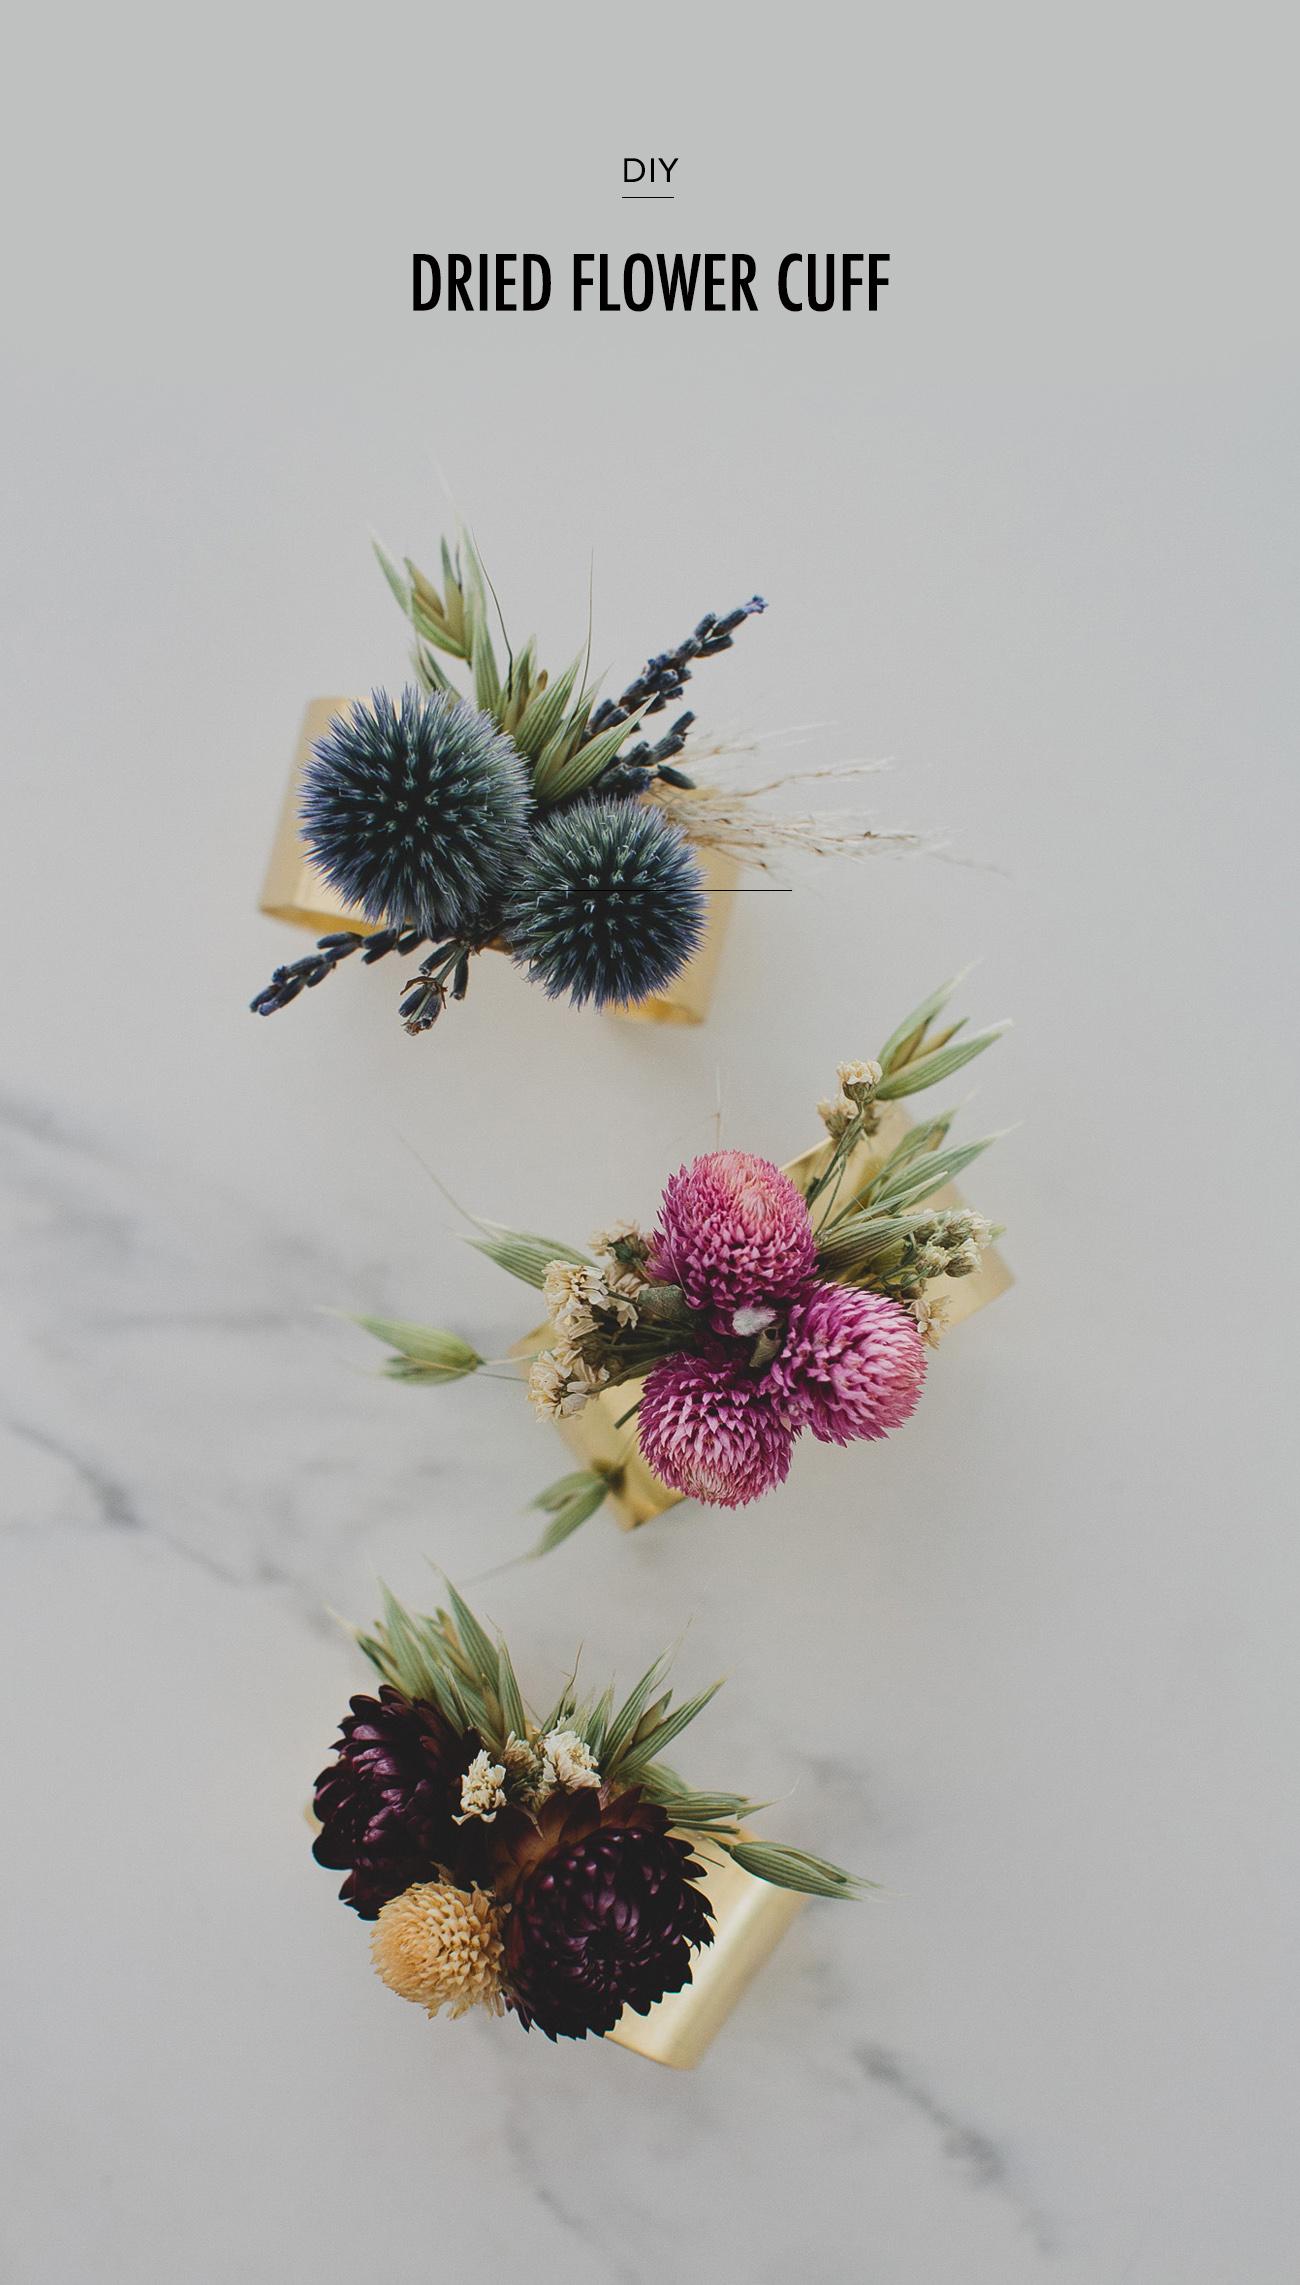 DIY dried flower cuff